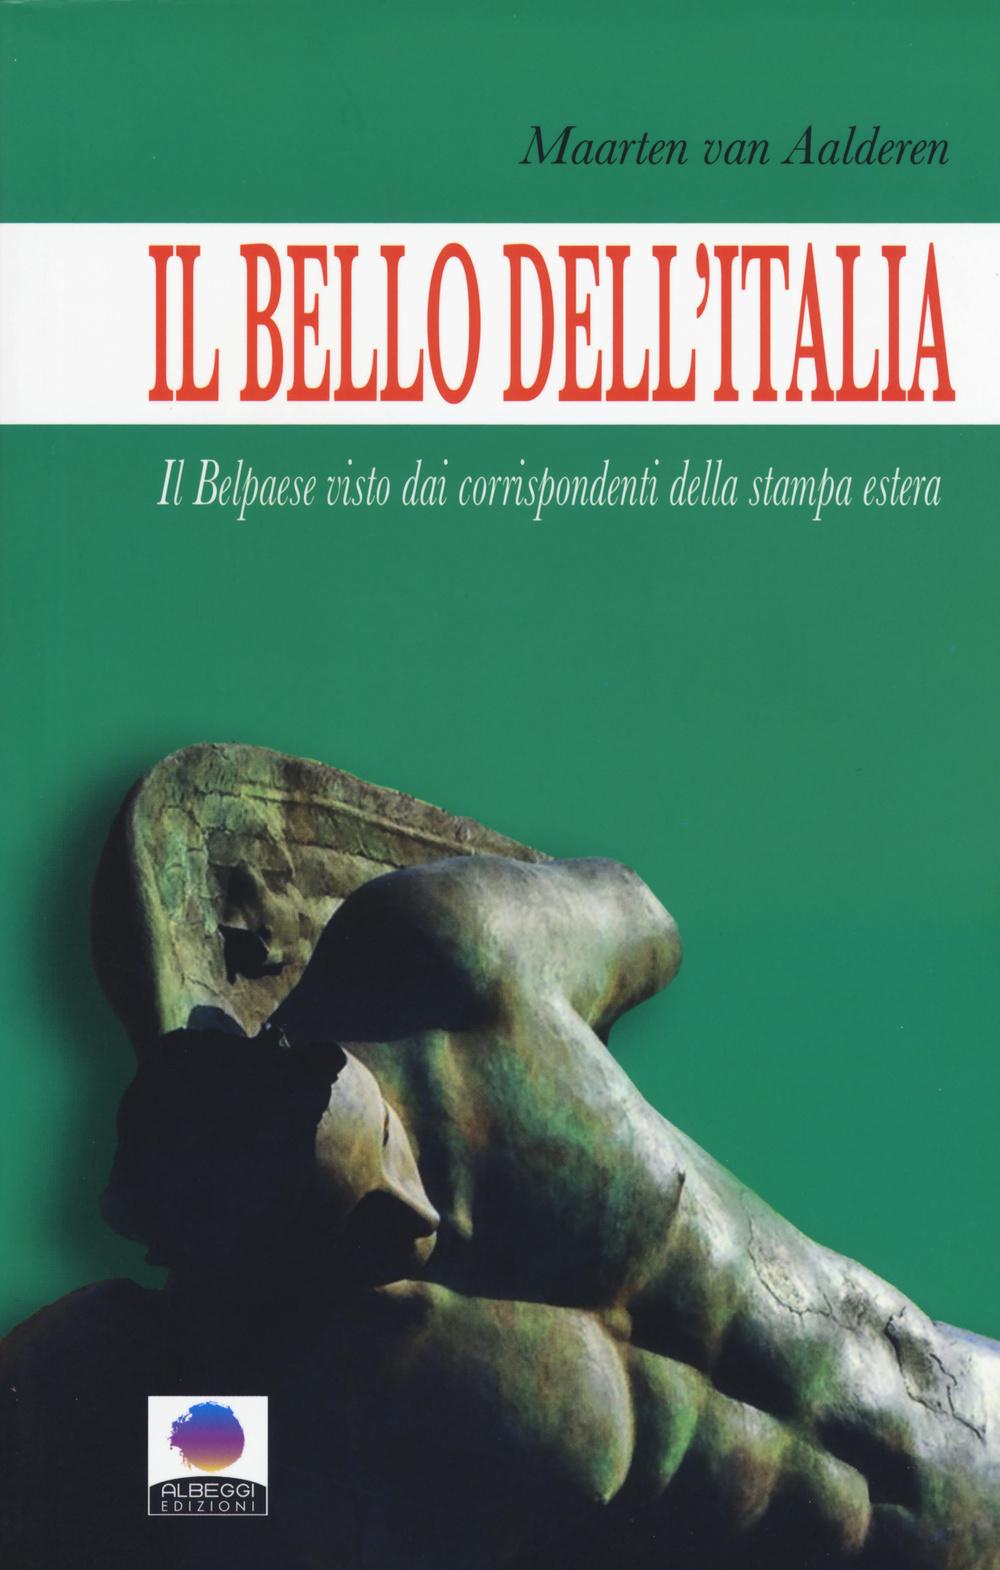 BELLO DELL'ITALIA. IL BELPAESE VISTO DAI CORRISPONDENTI DELLA STAMPA ESTERA (IL) - 9788898795093